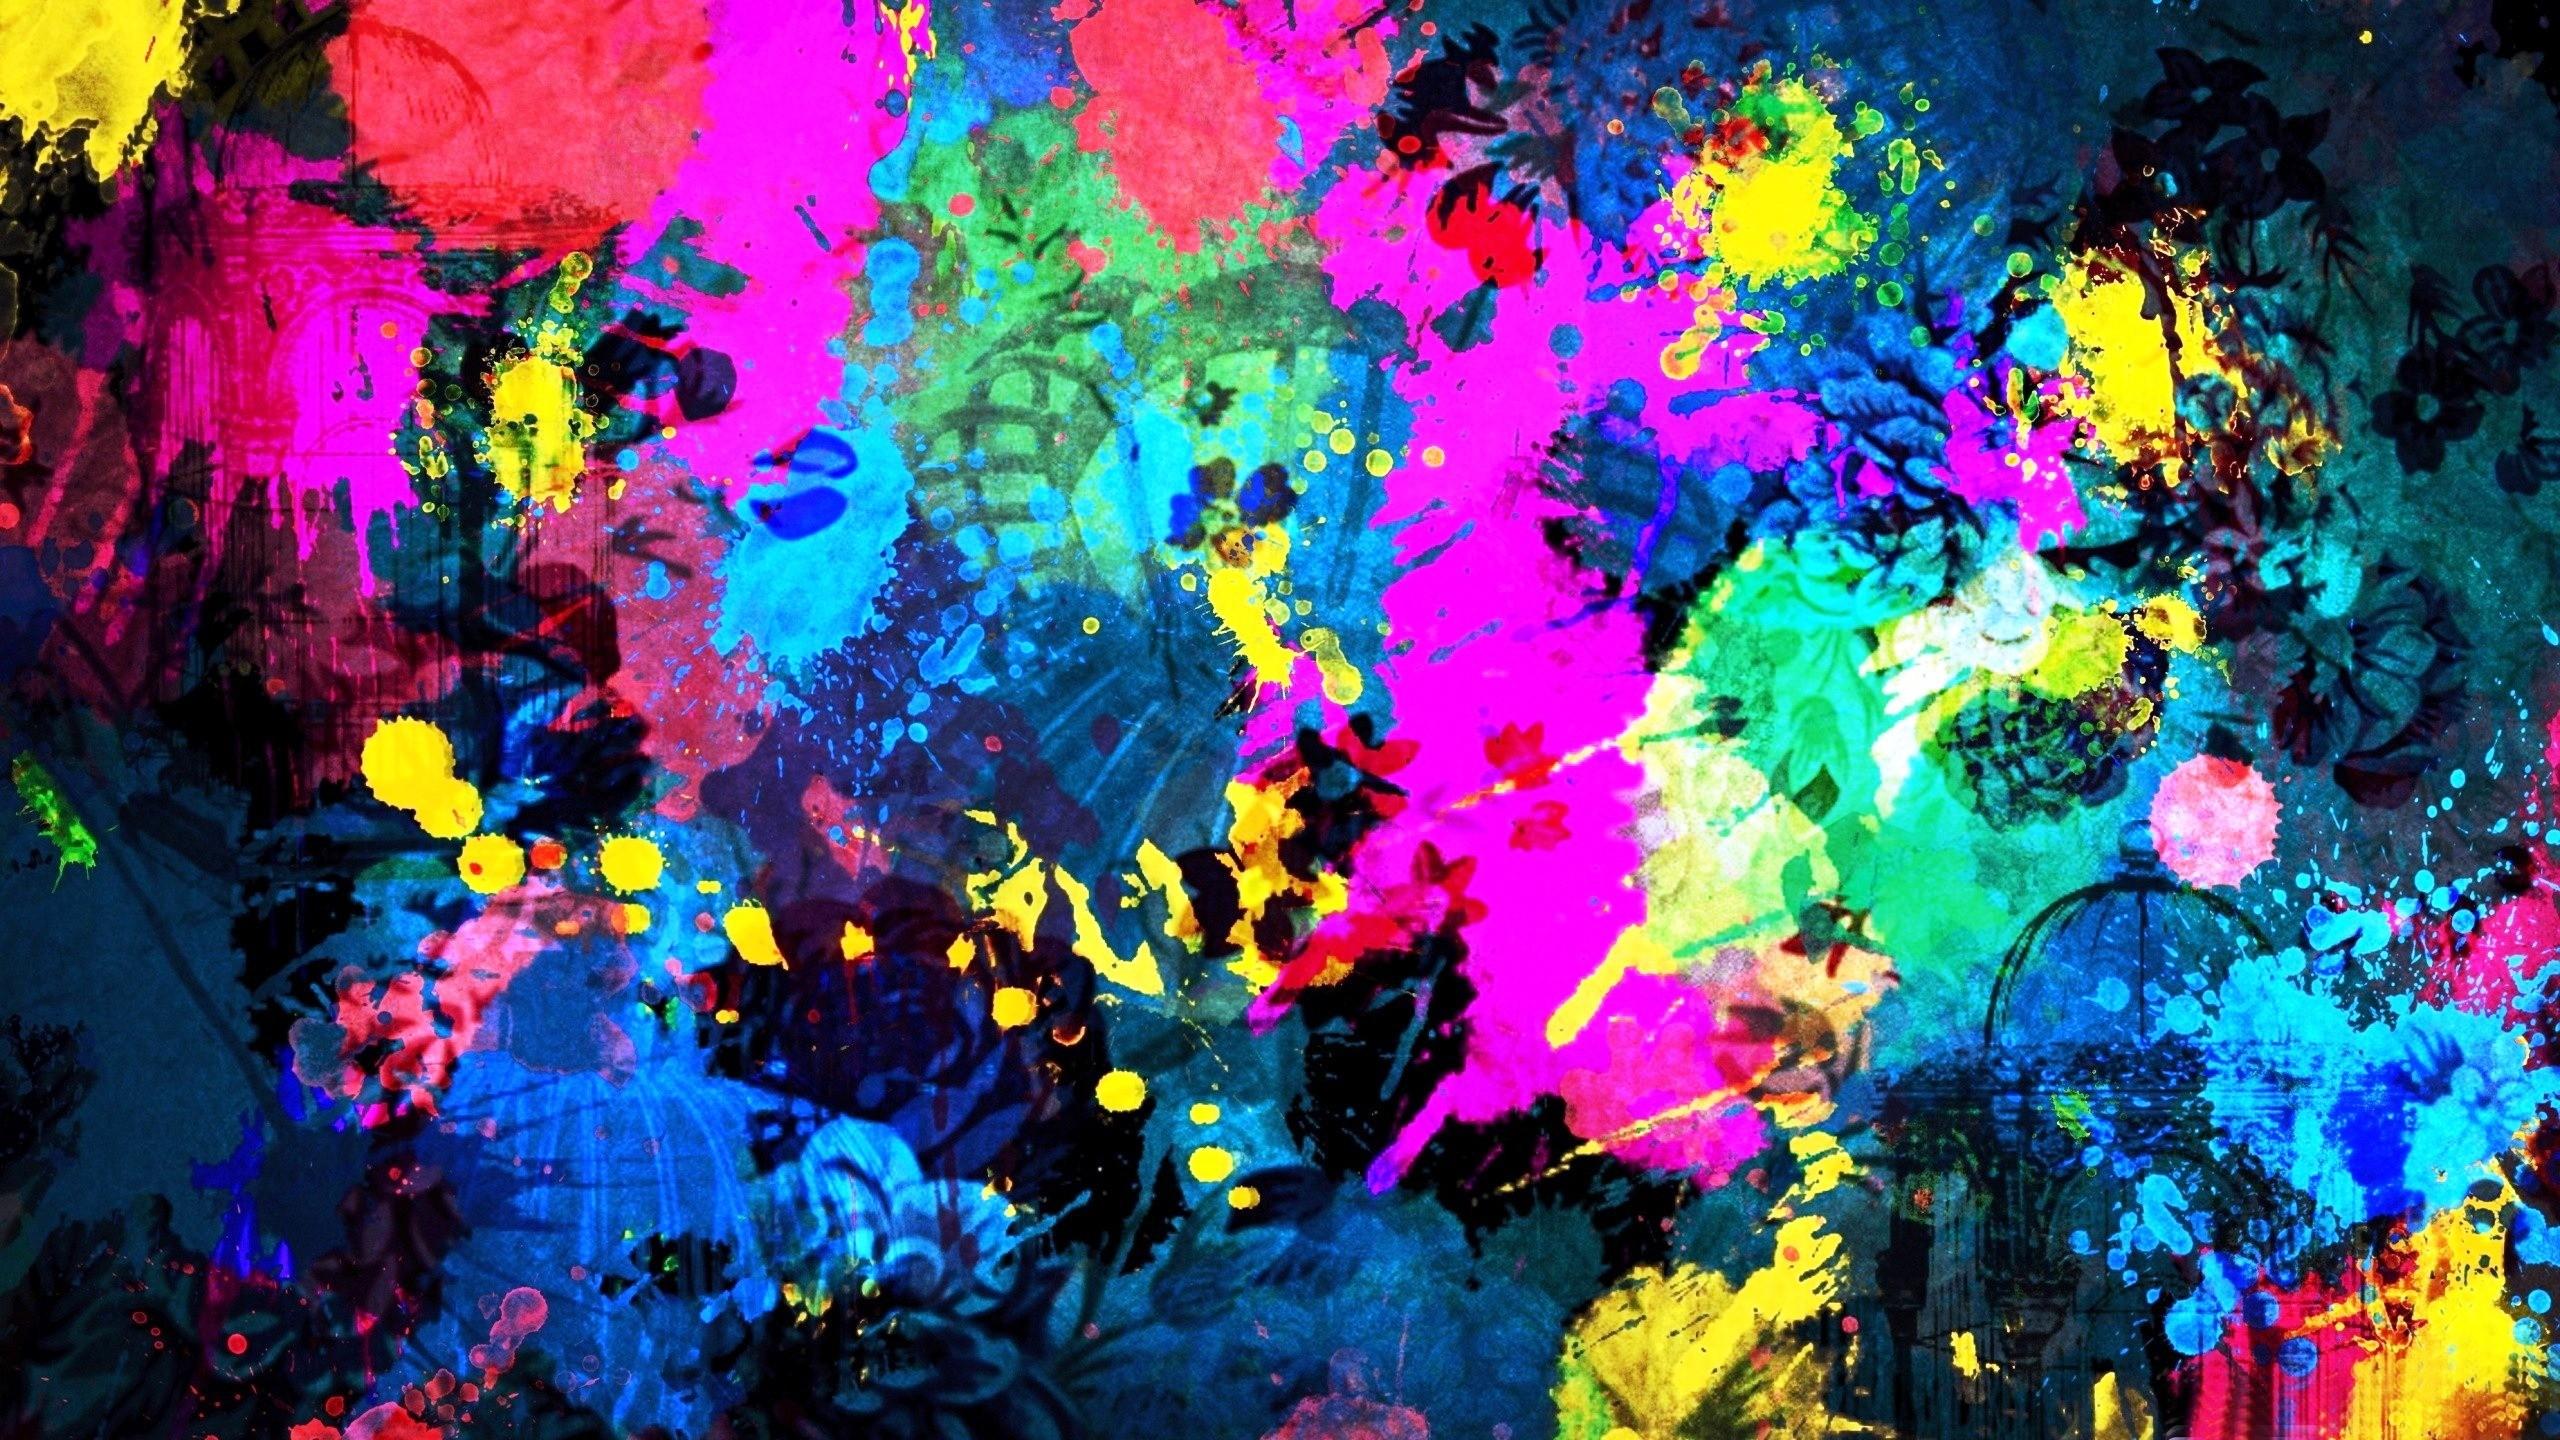 Hd Wallpaper Of Abstract Art: Abstract Art Wallpaper HD